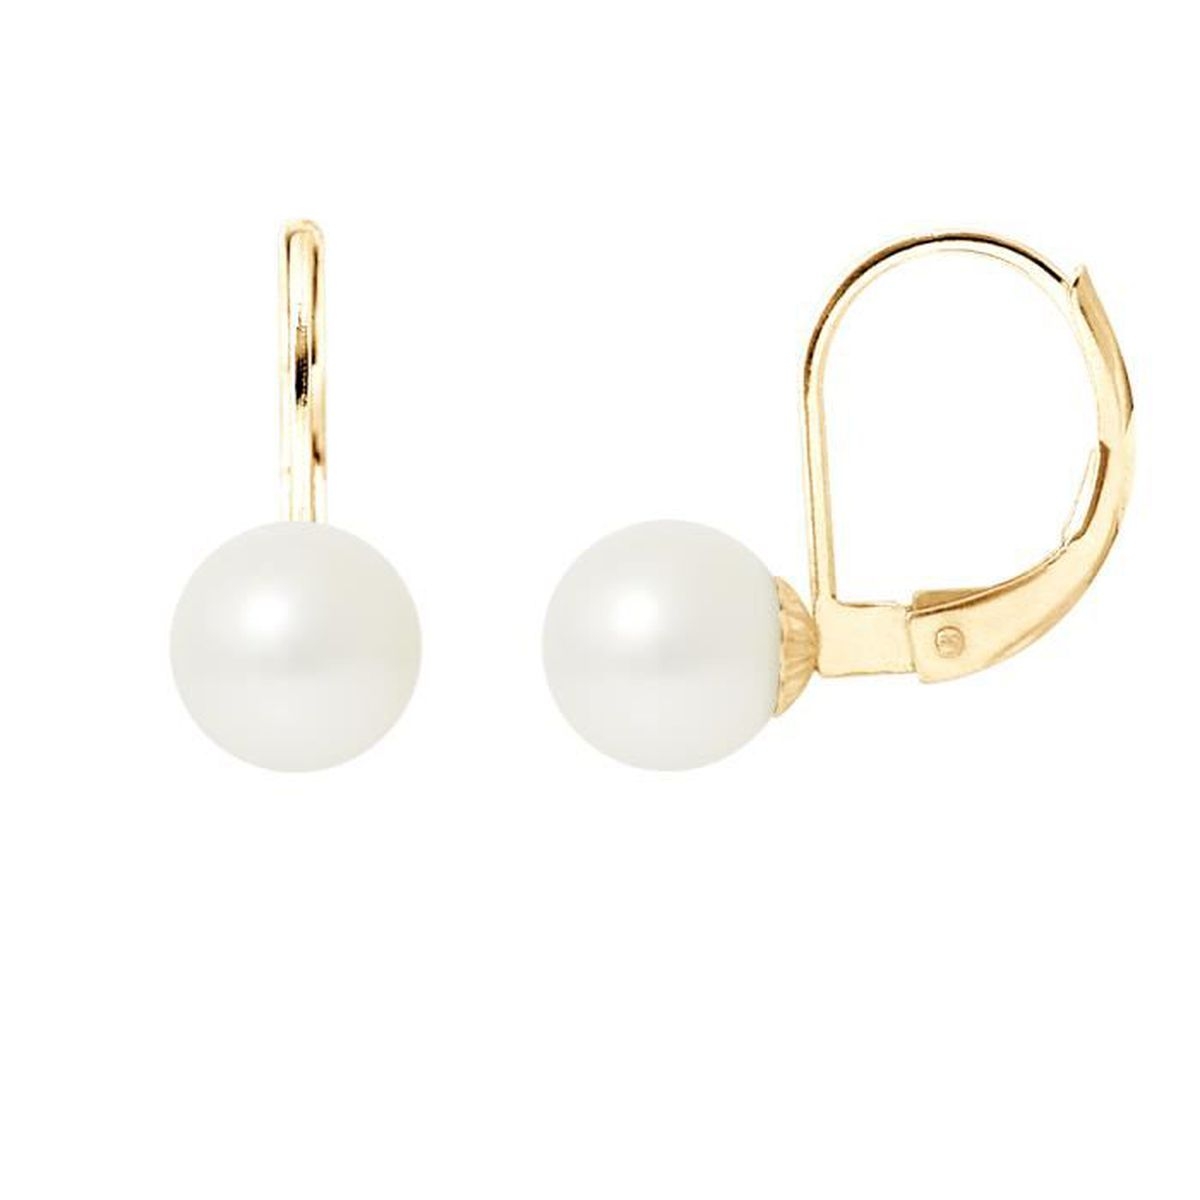 Boucle d'oreille PERLINEA Boucles d'Oreilles Dormeuses Perles de Cu